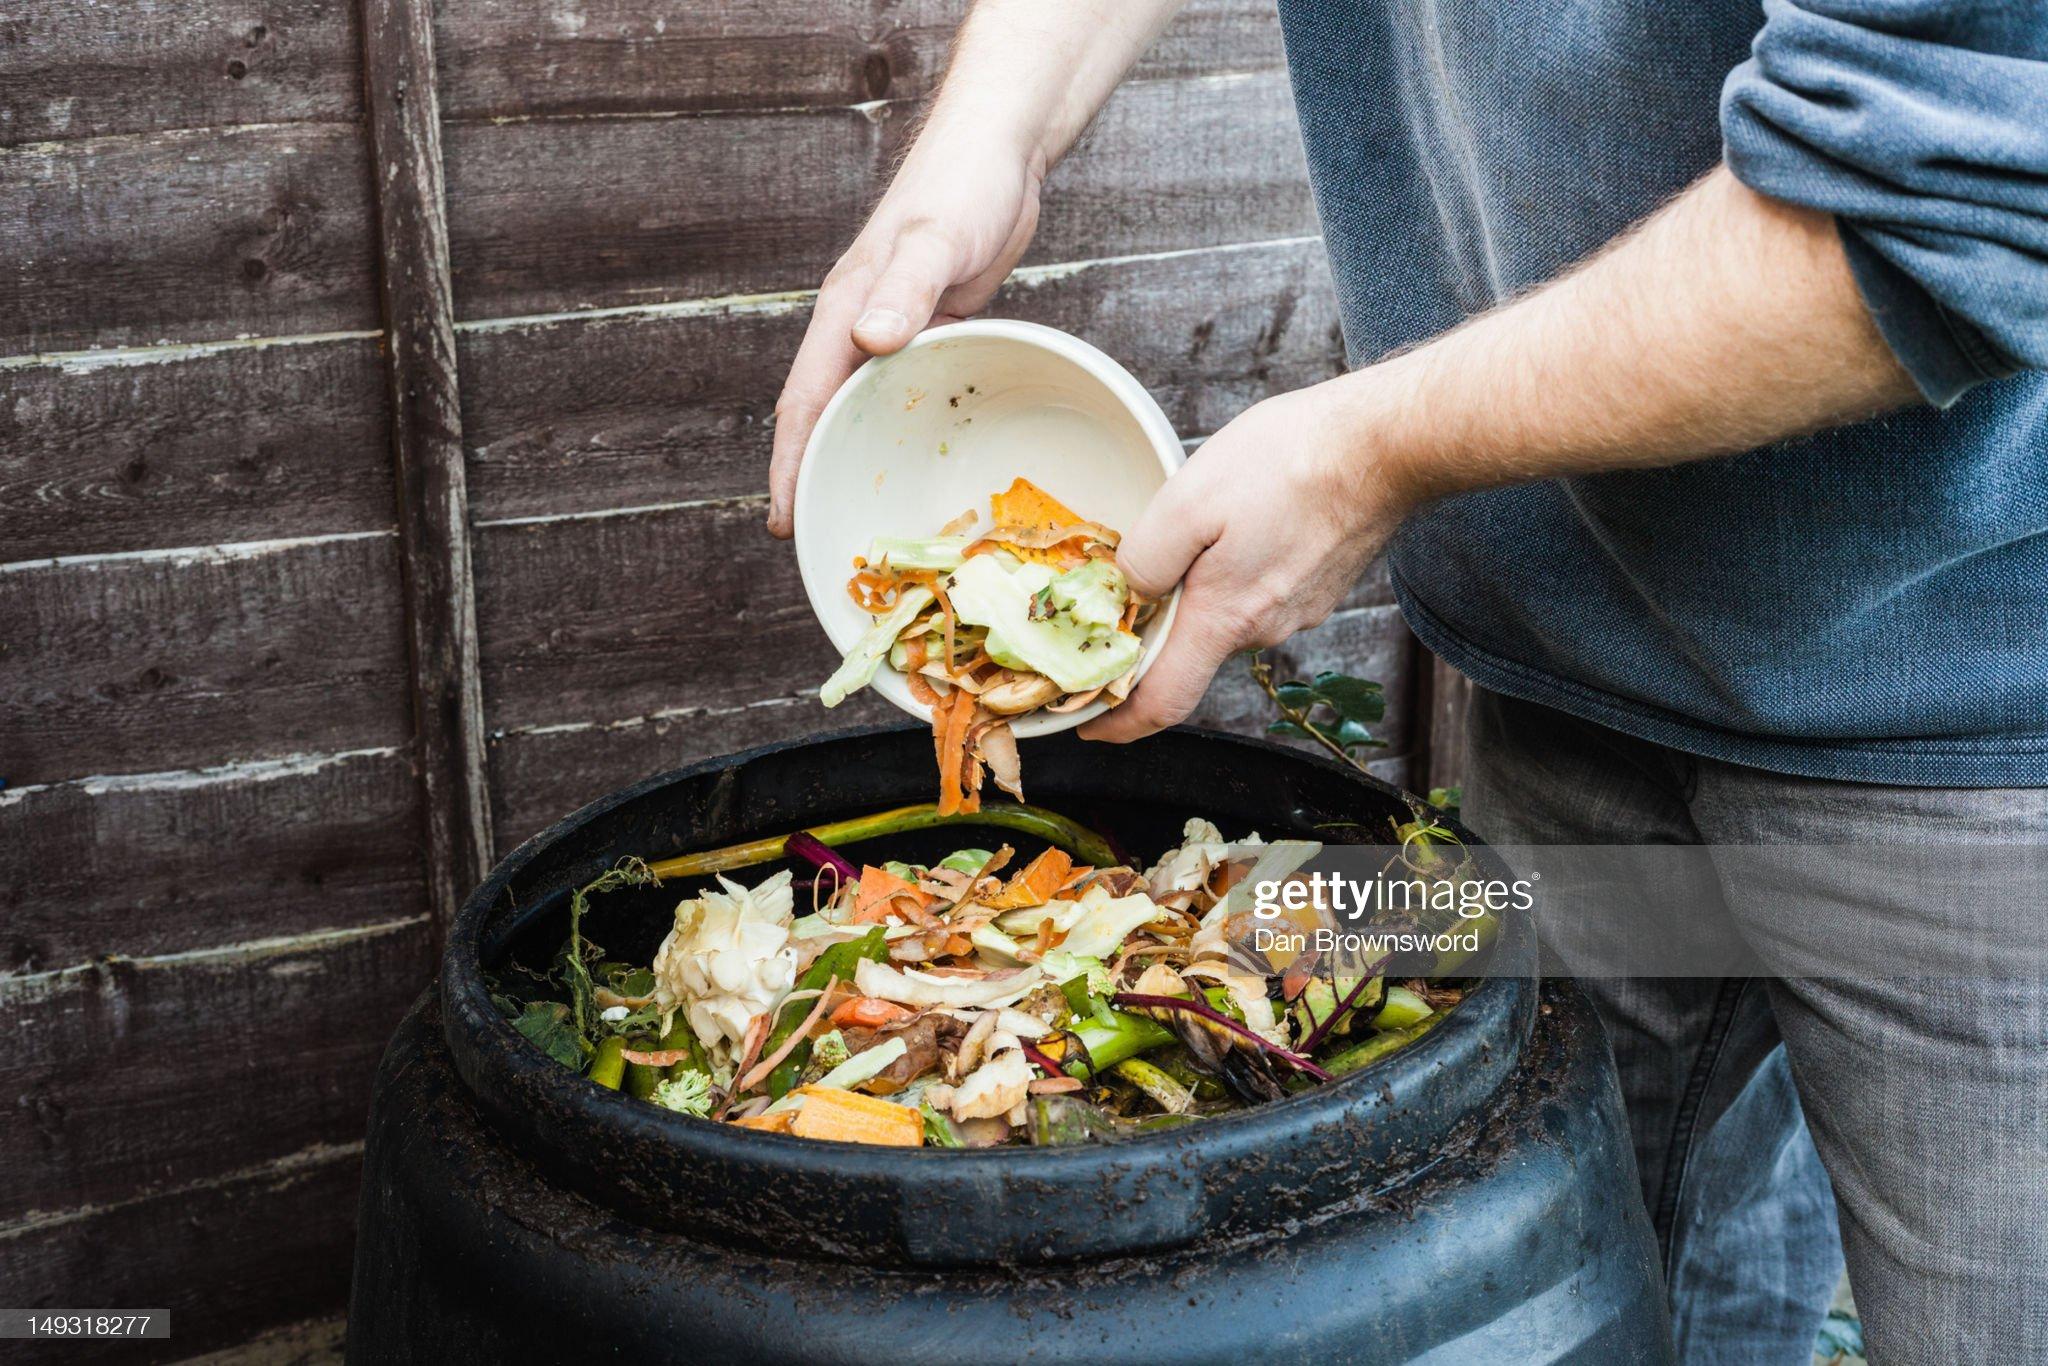 Stock Photo : homme ajoutant du compost dans une poubelle